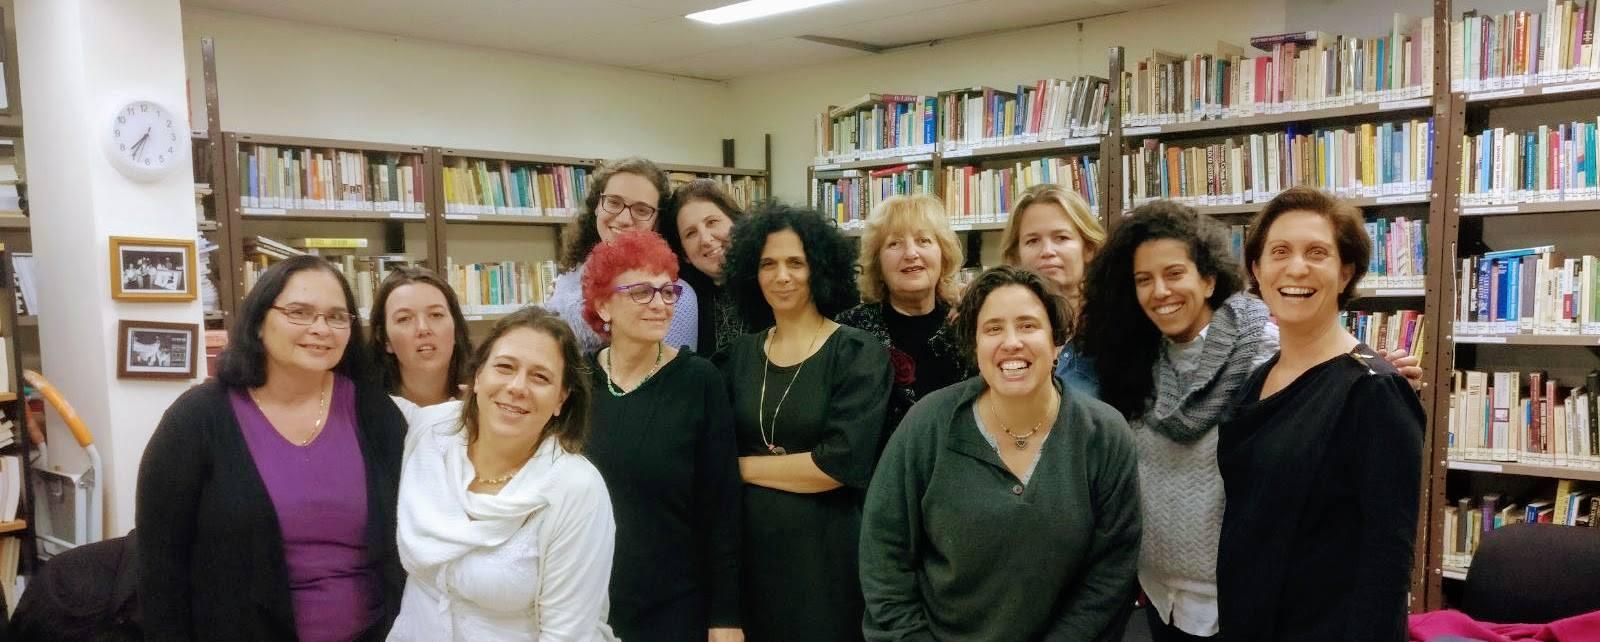 המתנדבות החדשות במרכז הסיוע (צילום: המרכז לנפגעות ולנפגעי תקיפה מינית)